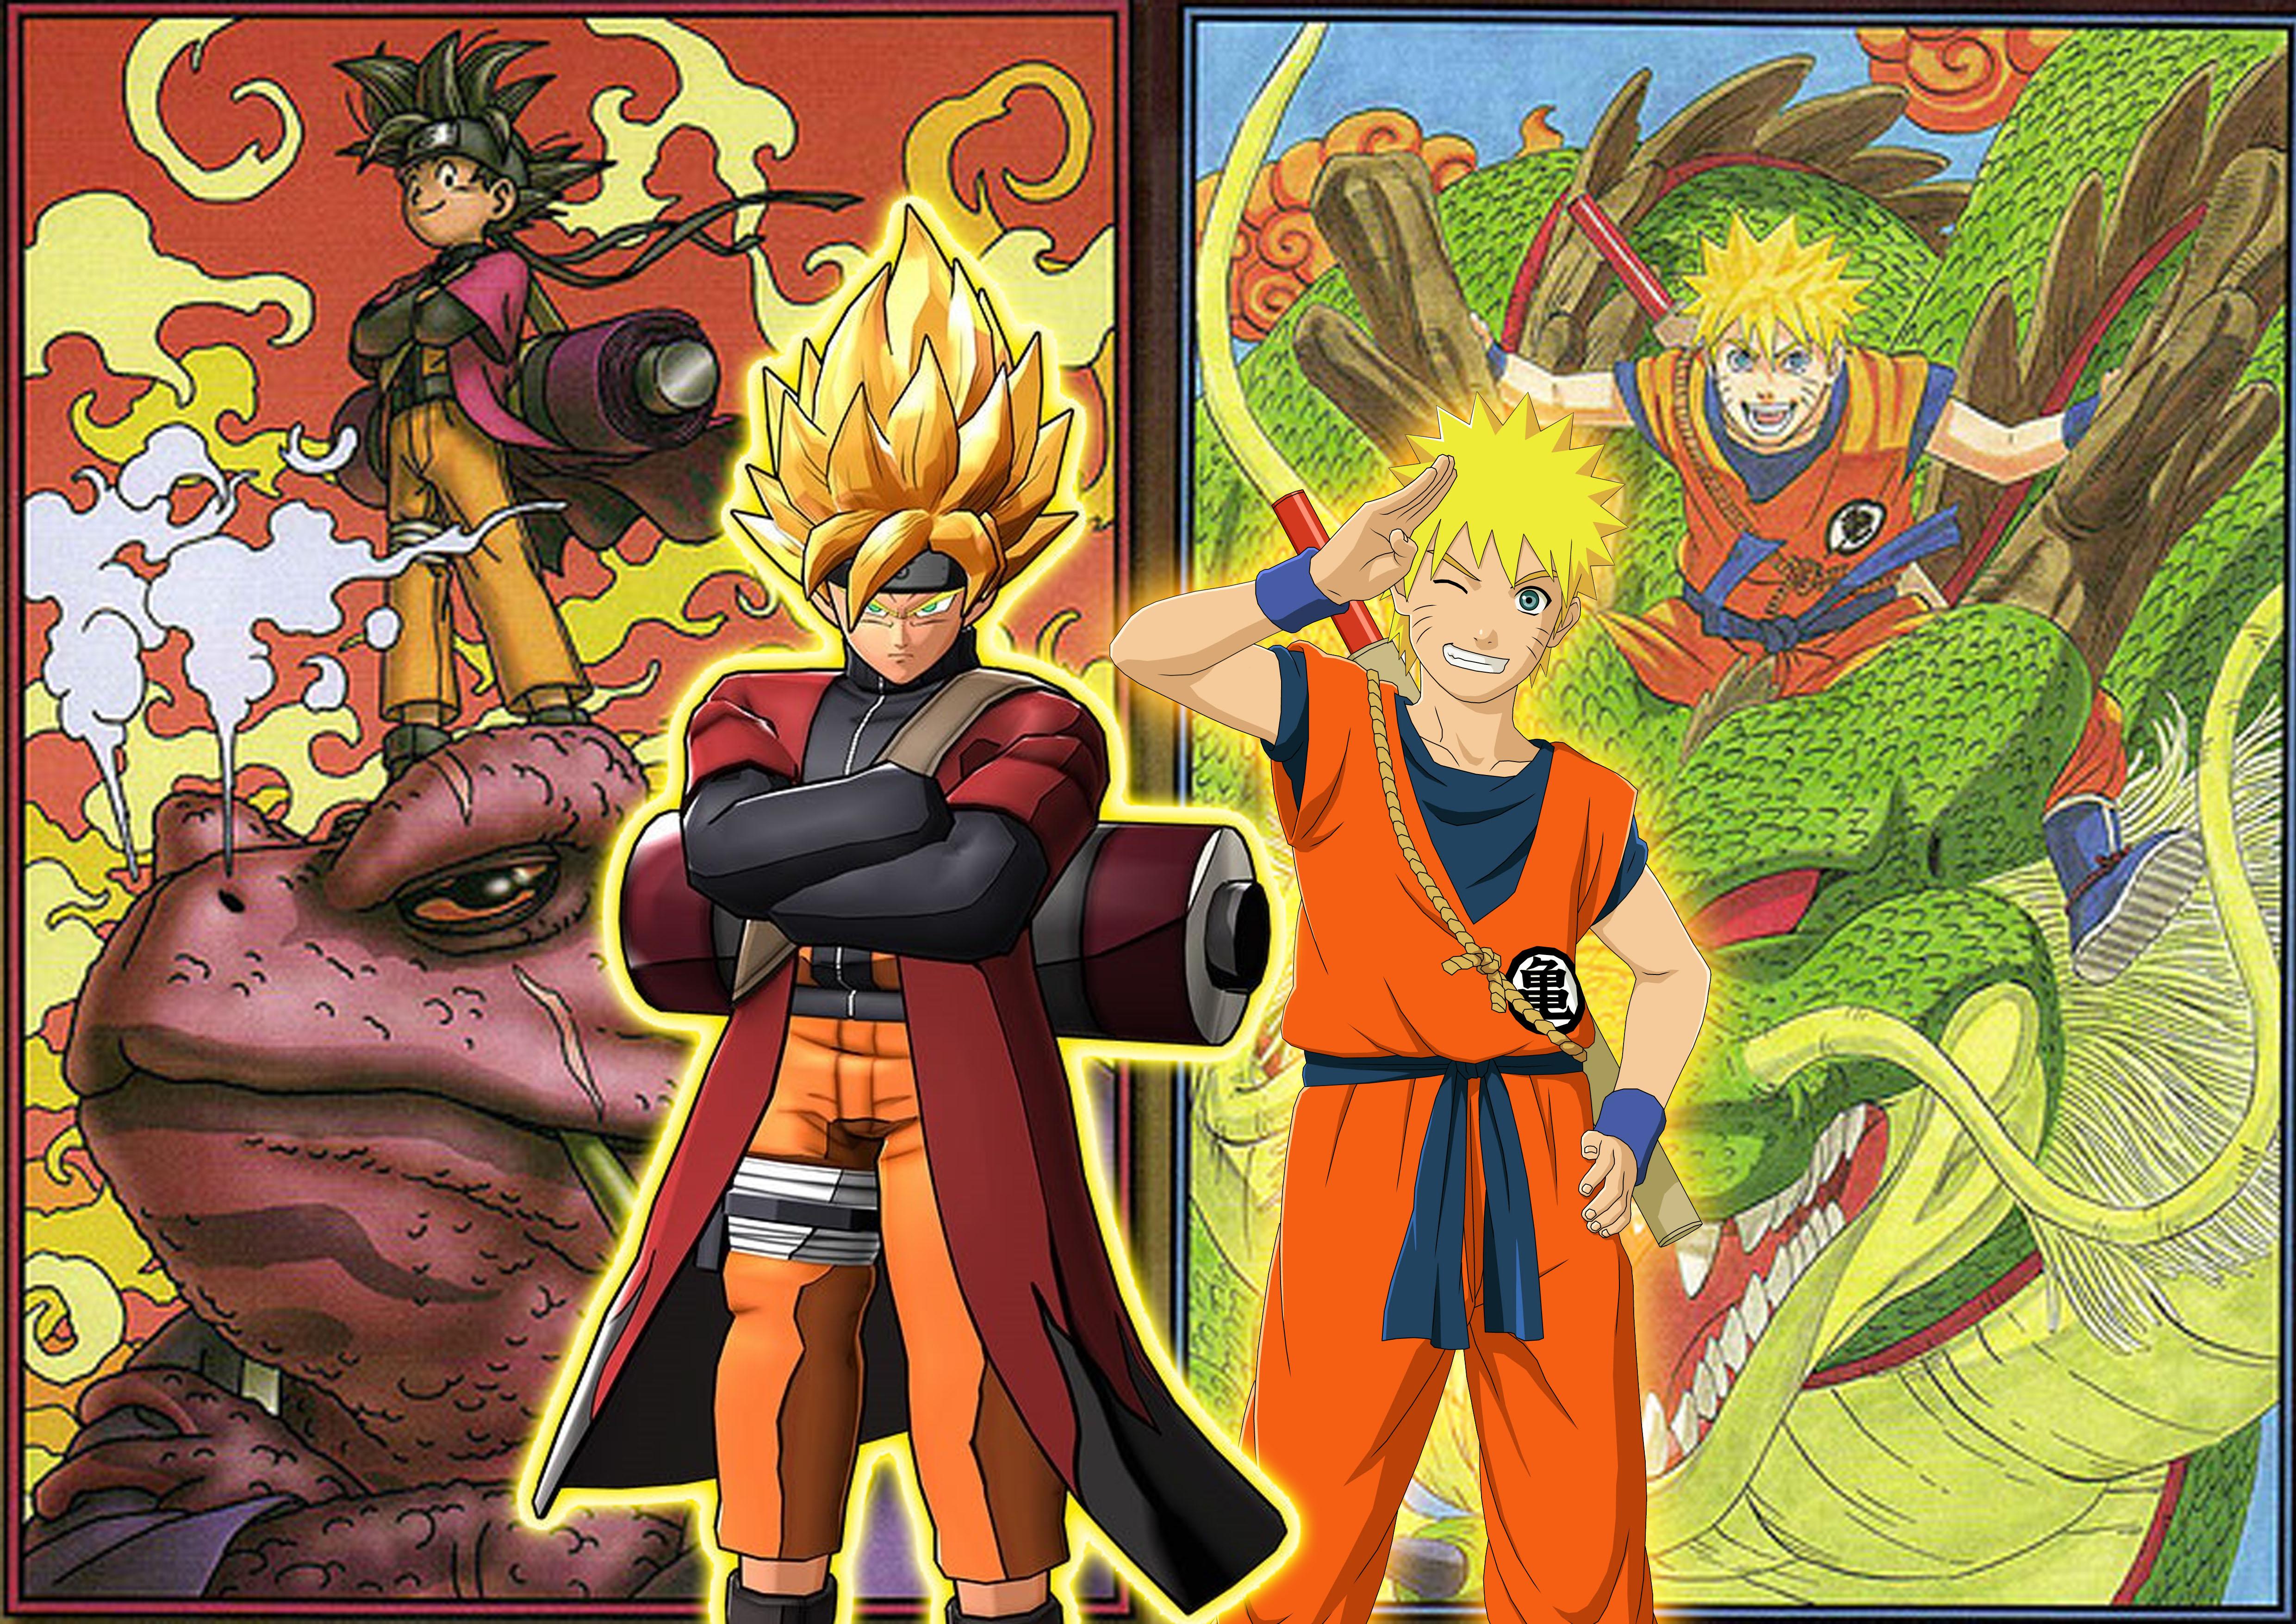 One Piece Vs Naruto Vs Dragon Ball Z Ps2 One Piece Naruto Or Bleach